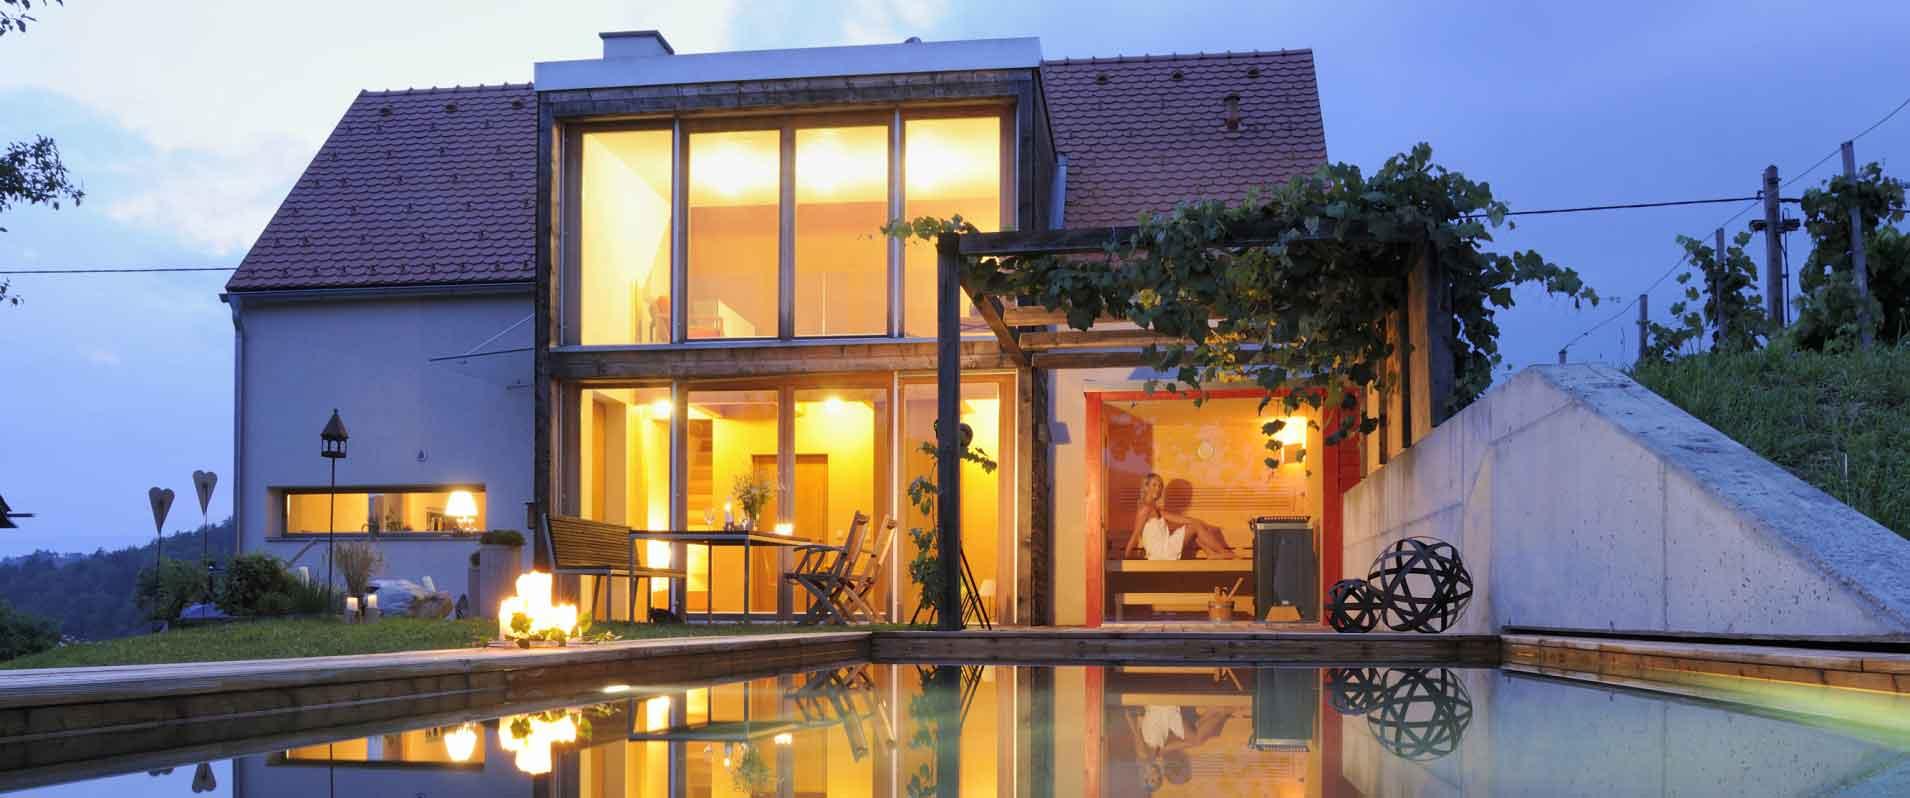 Ferienhäuser PURESLeben in der Südsteiermark